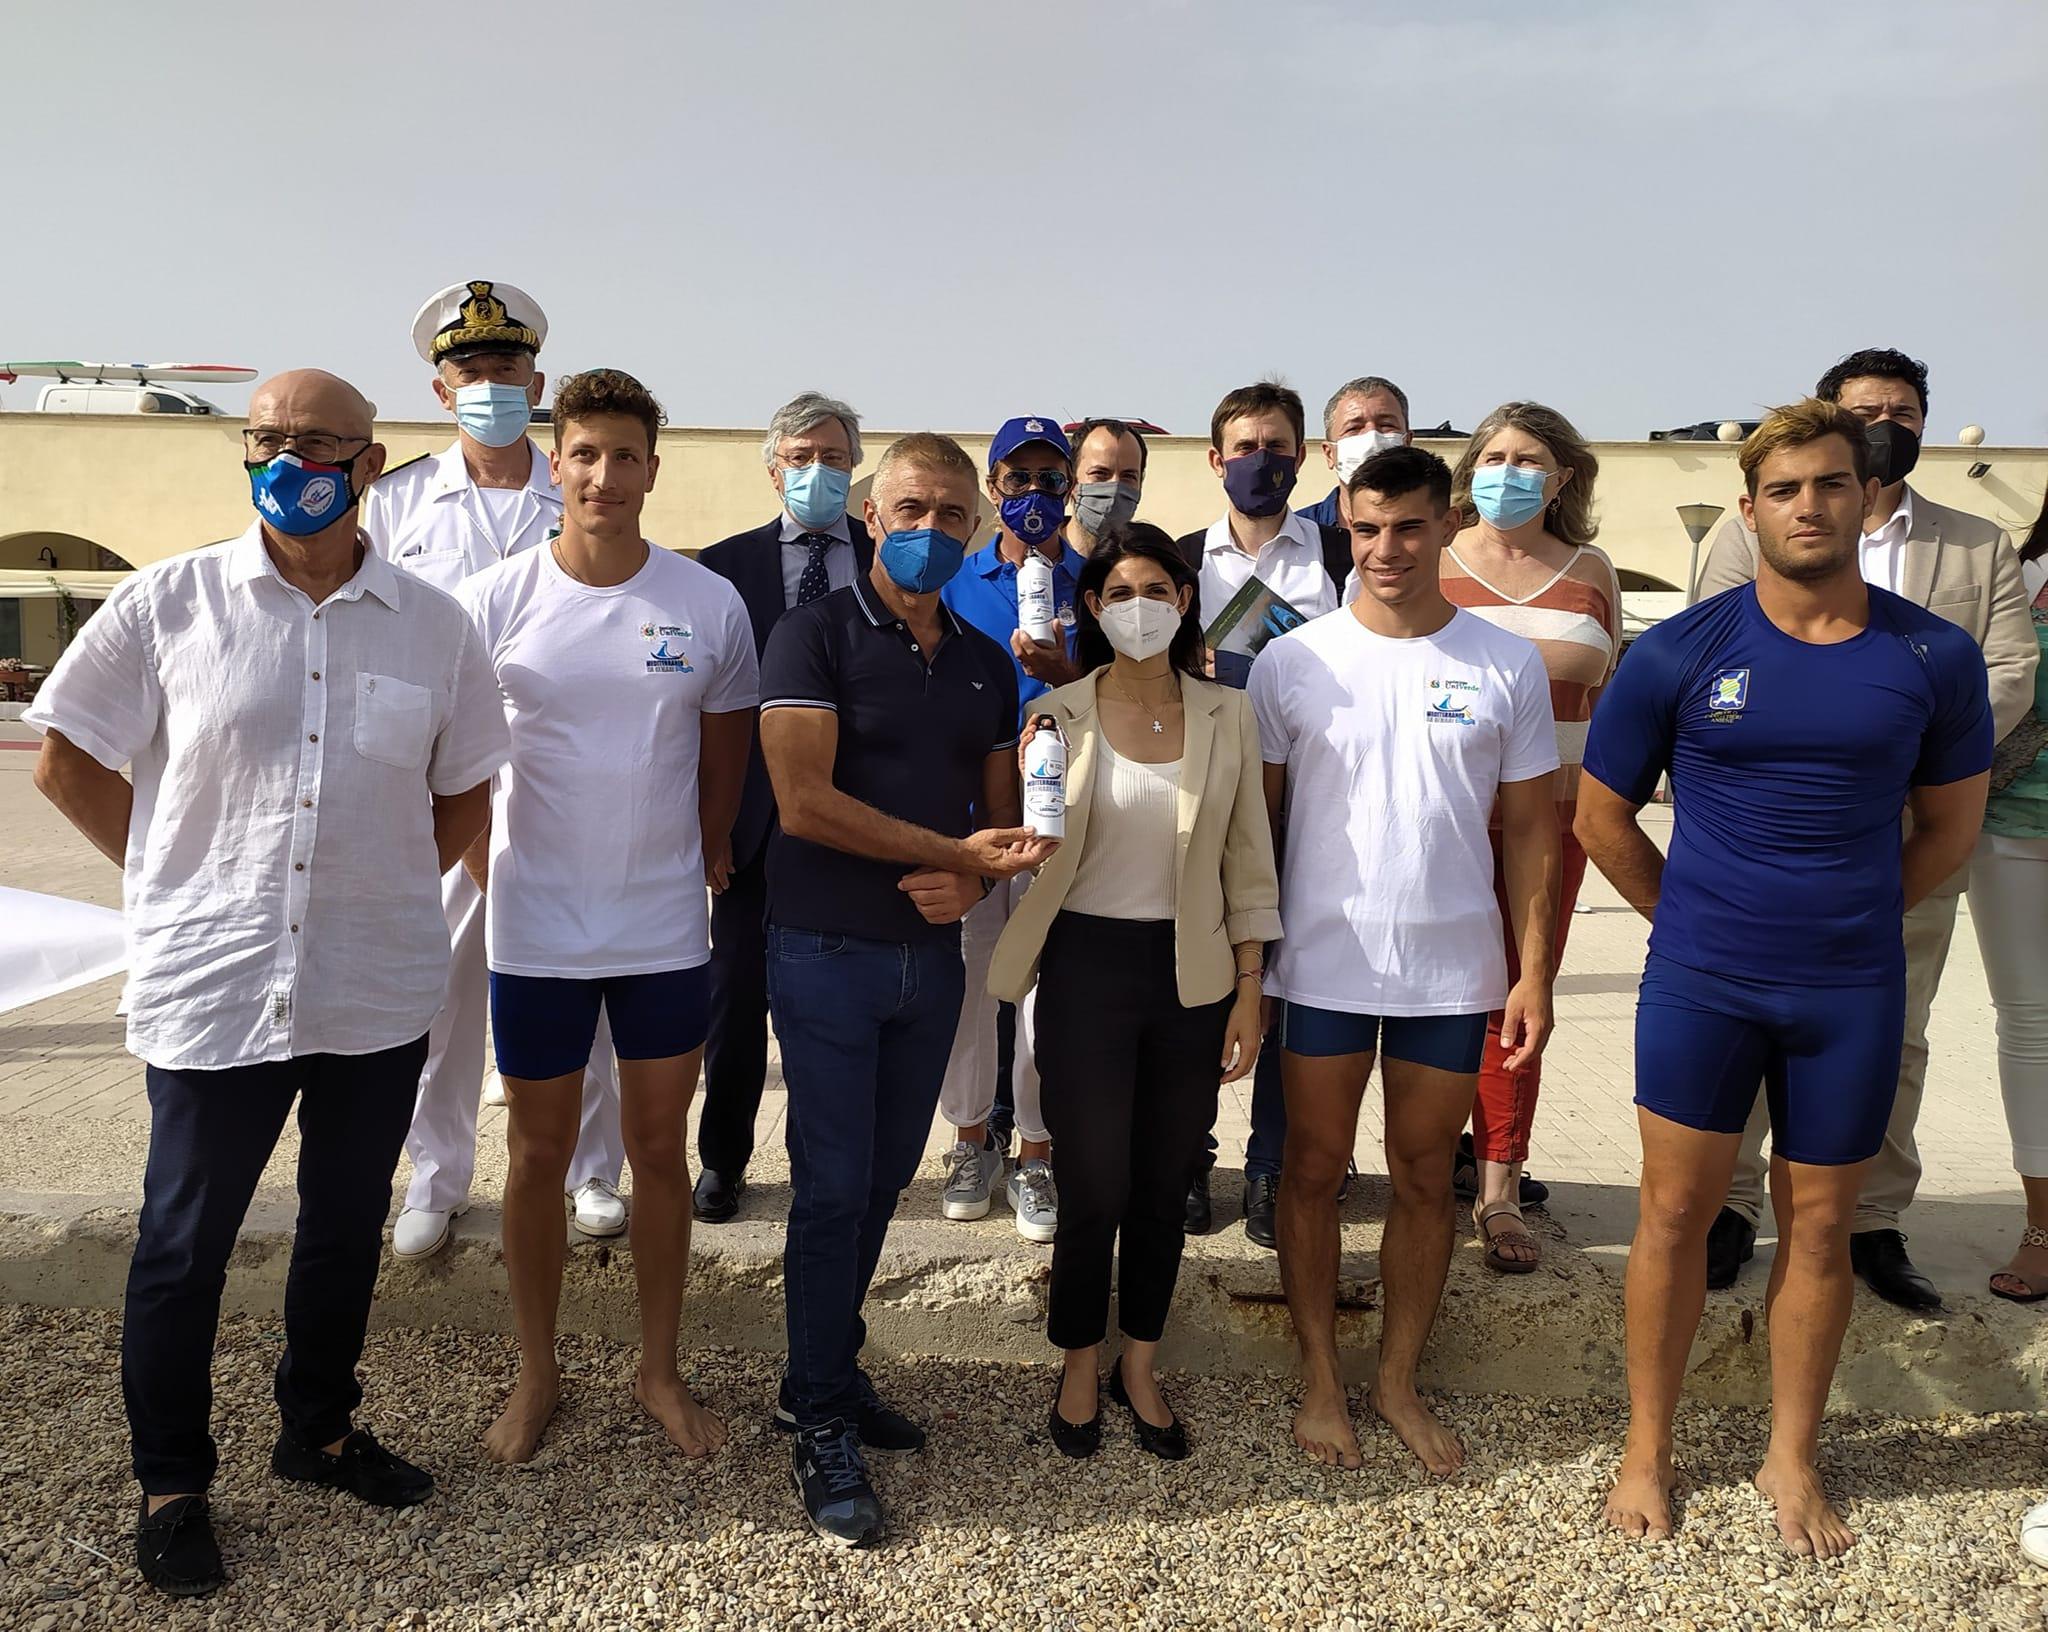 Mediterraneo da remare #PlasticFree: al via l'XI edizione della campagna